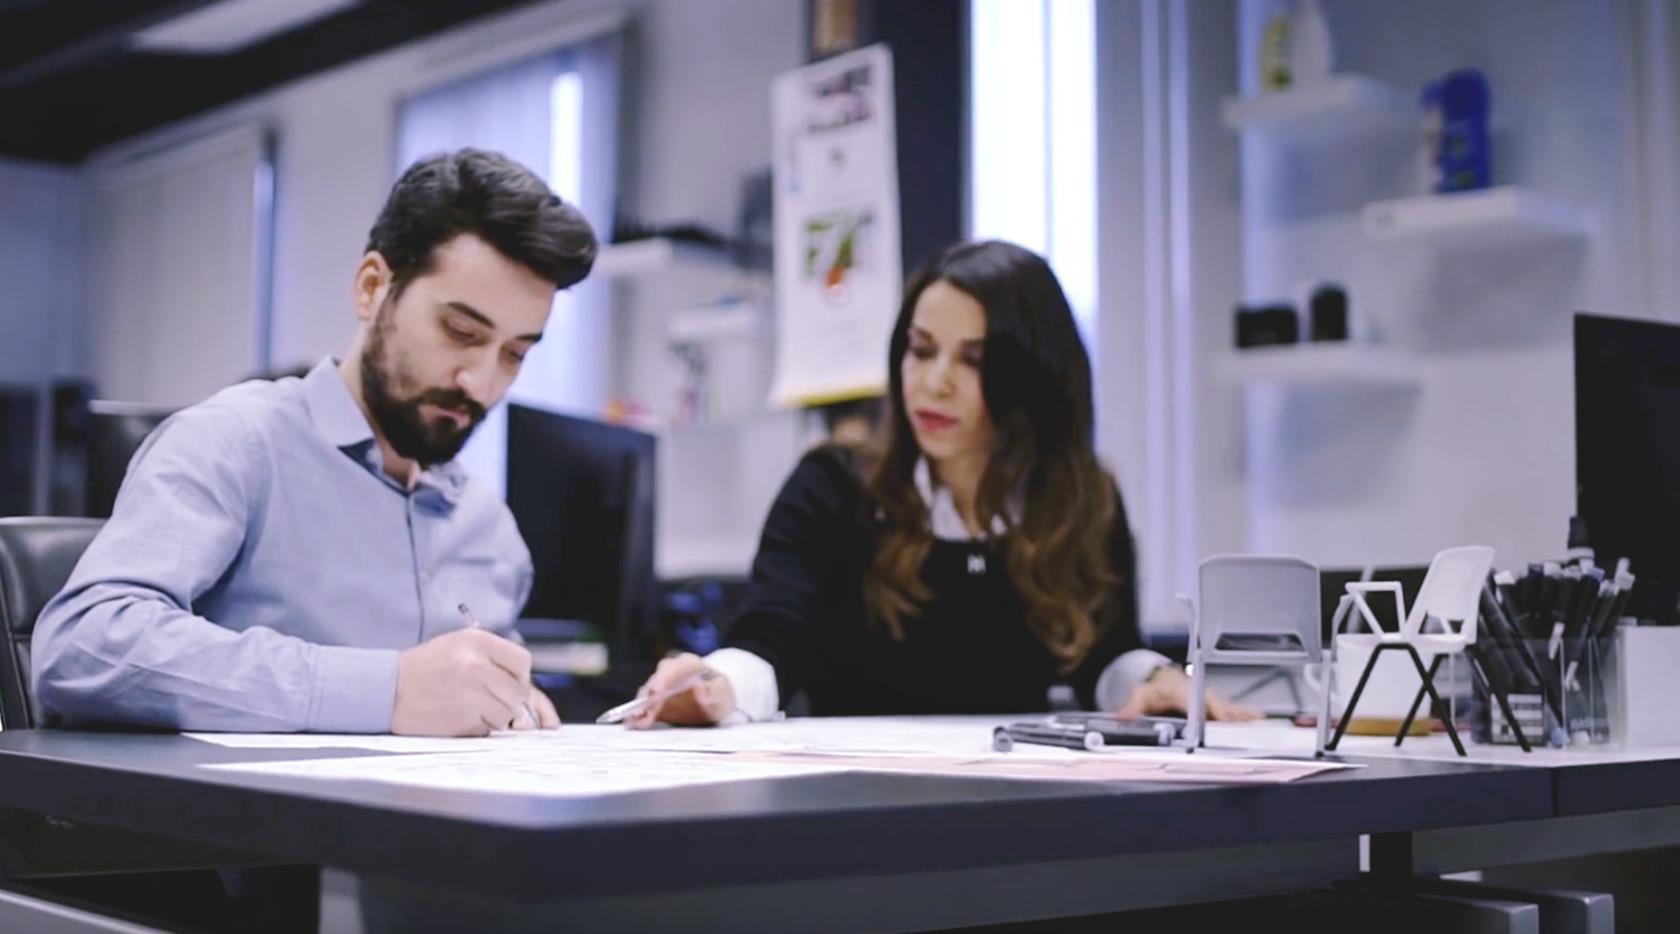 Müşterileriyle bir ekip halinde çalışan Arman Tasarım görseli